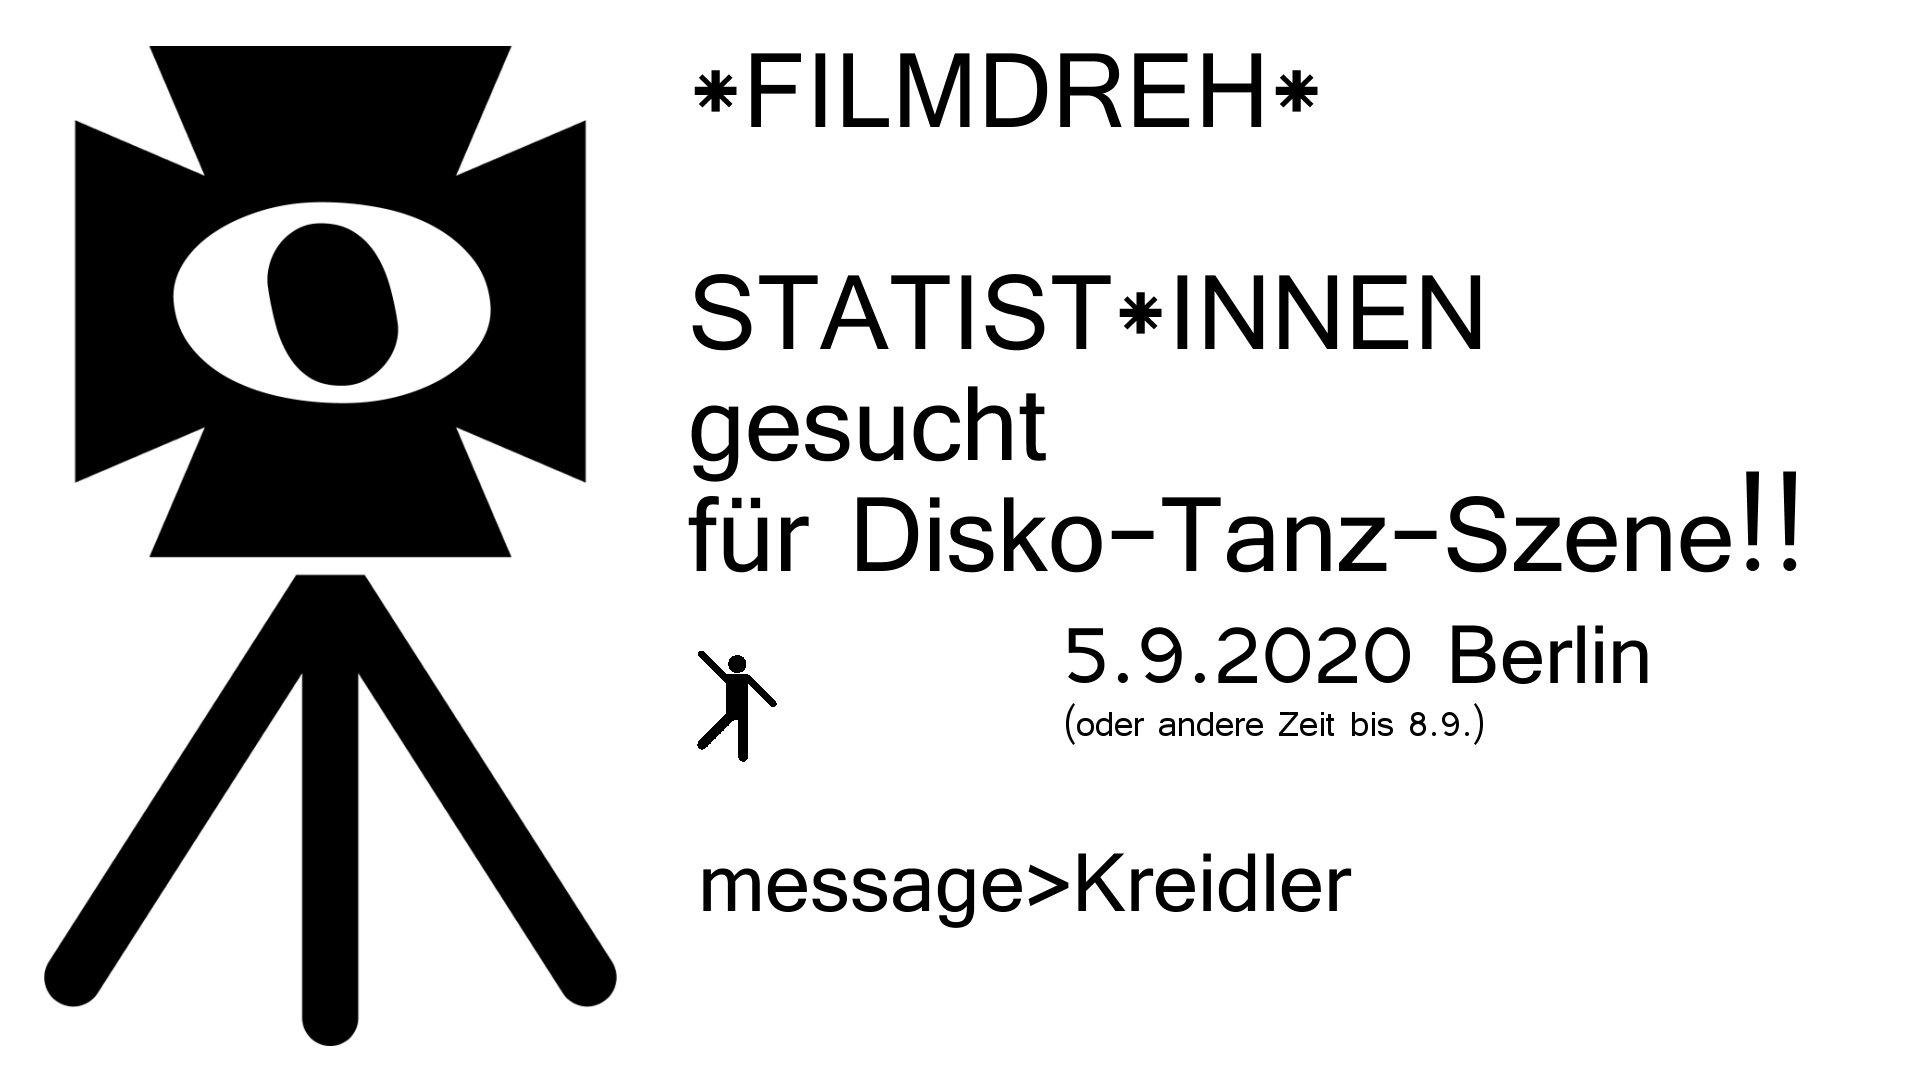 http://kreidler-net.de/kulturtechno-files/aufruf-final.jpg